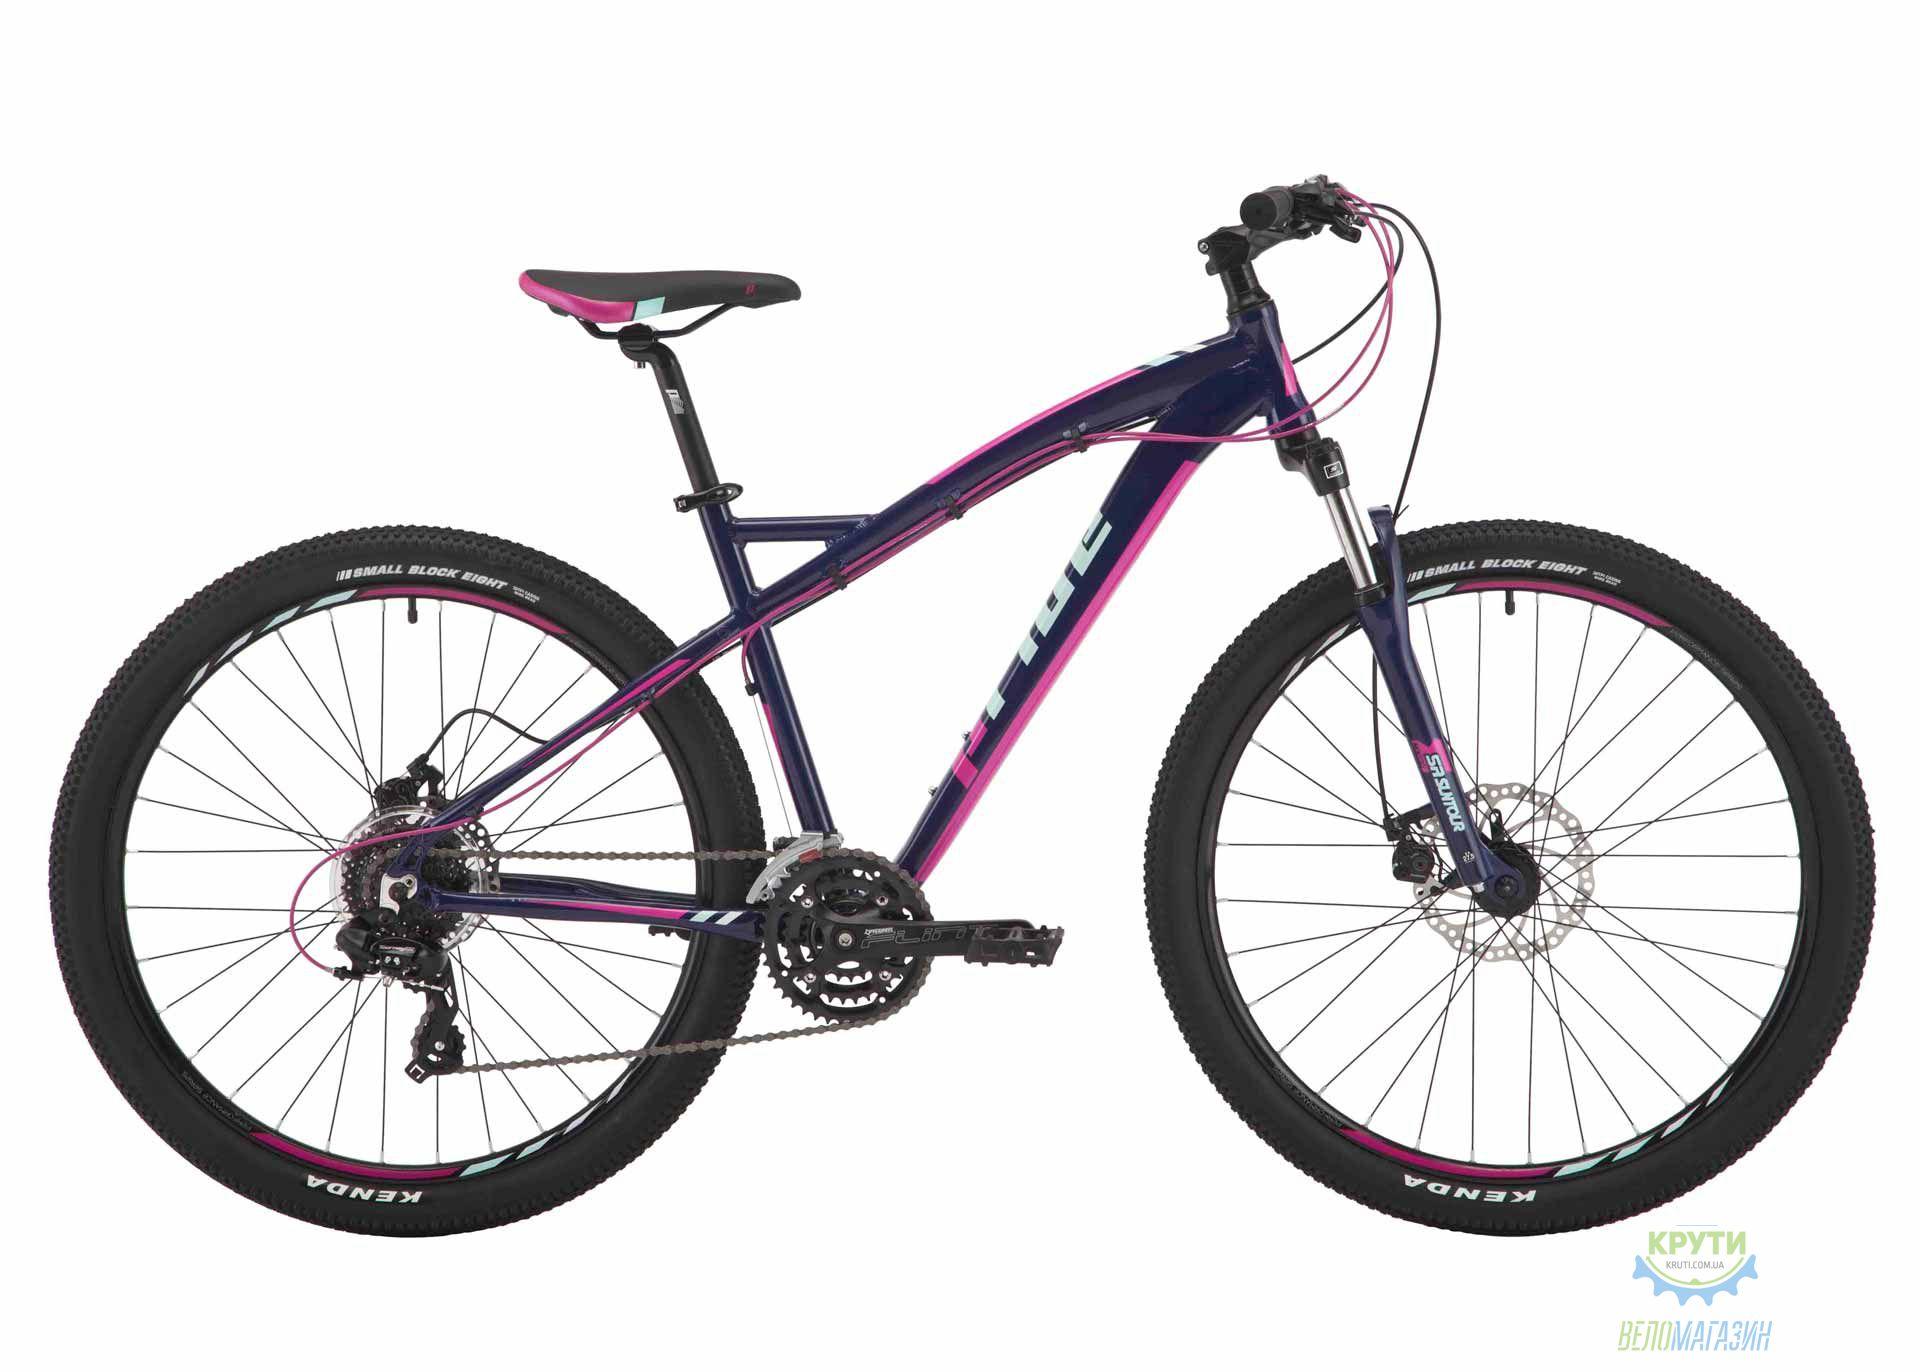 Велосипед 27,5 Pride Roxy 7.2 рама - 16 тёмно-синий/малиновый/мятный 2017